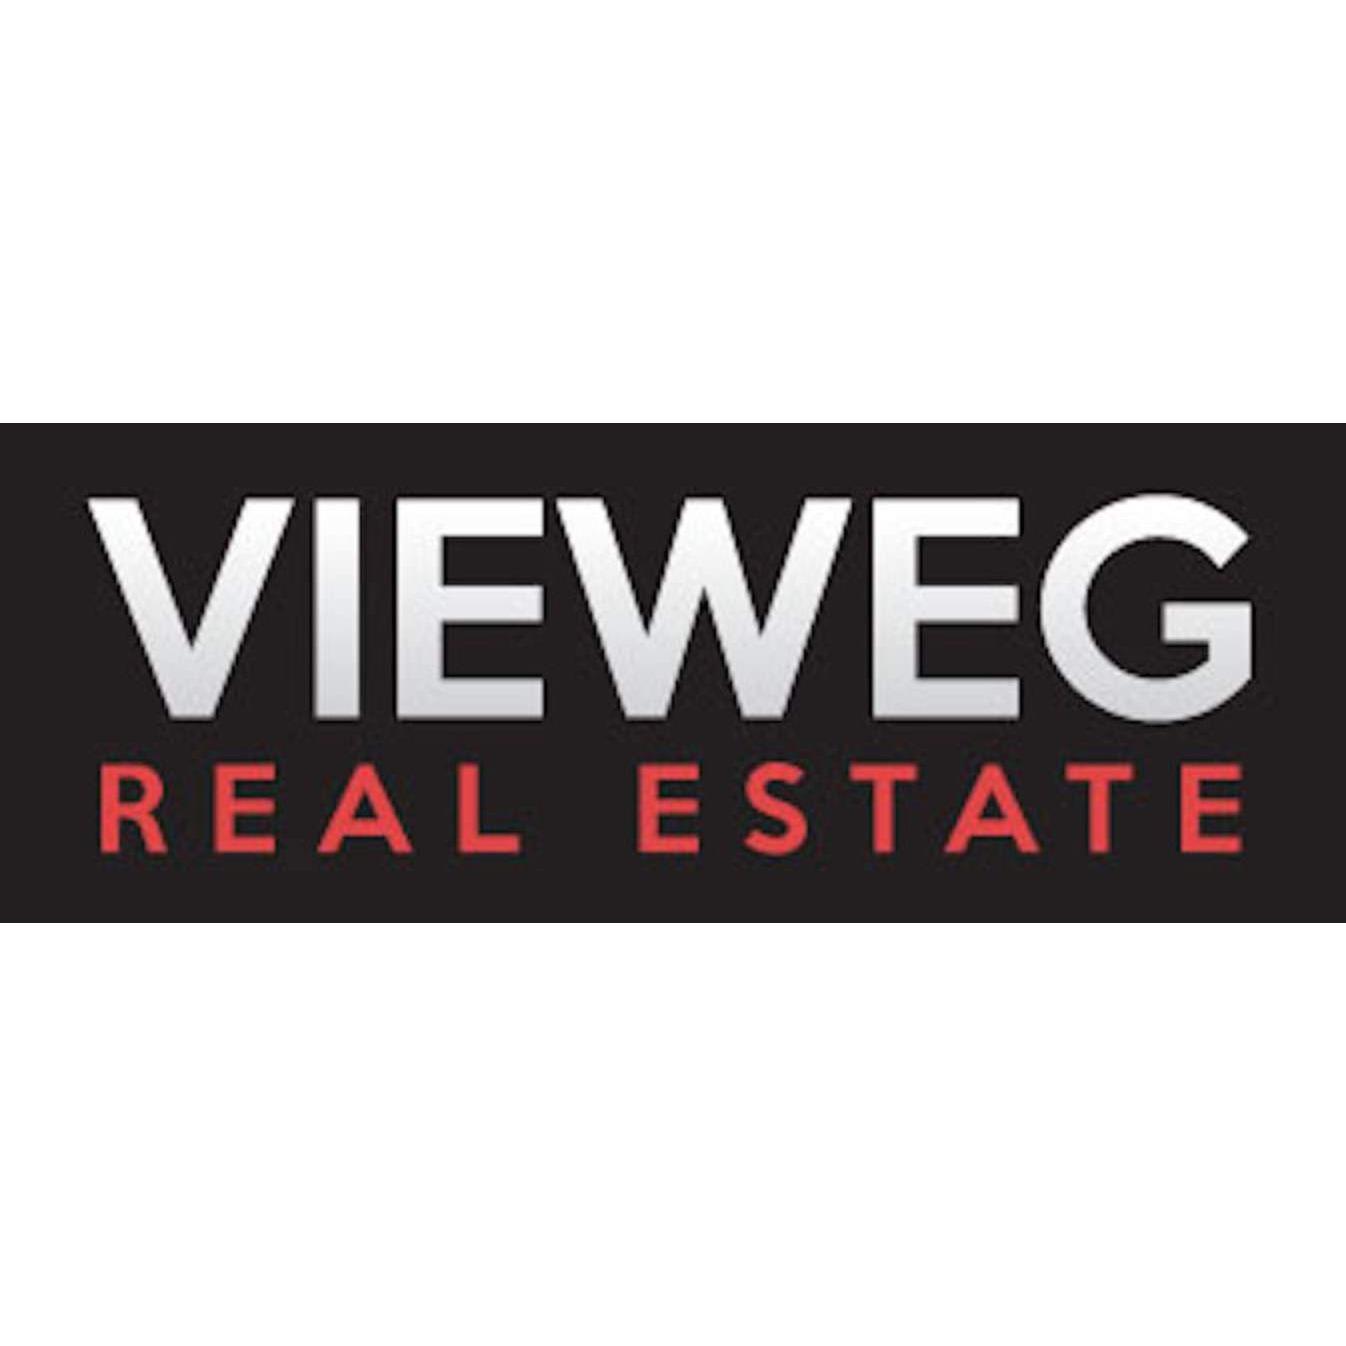 Vieweg Real Estate Logo